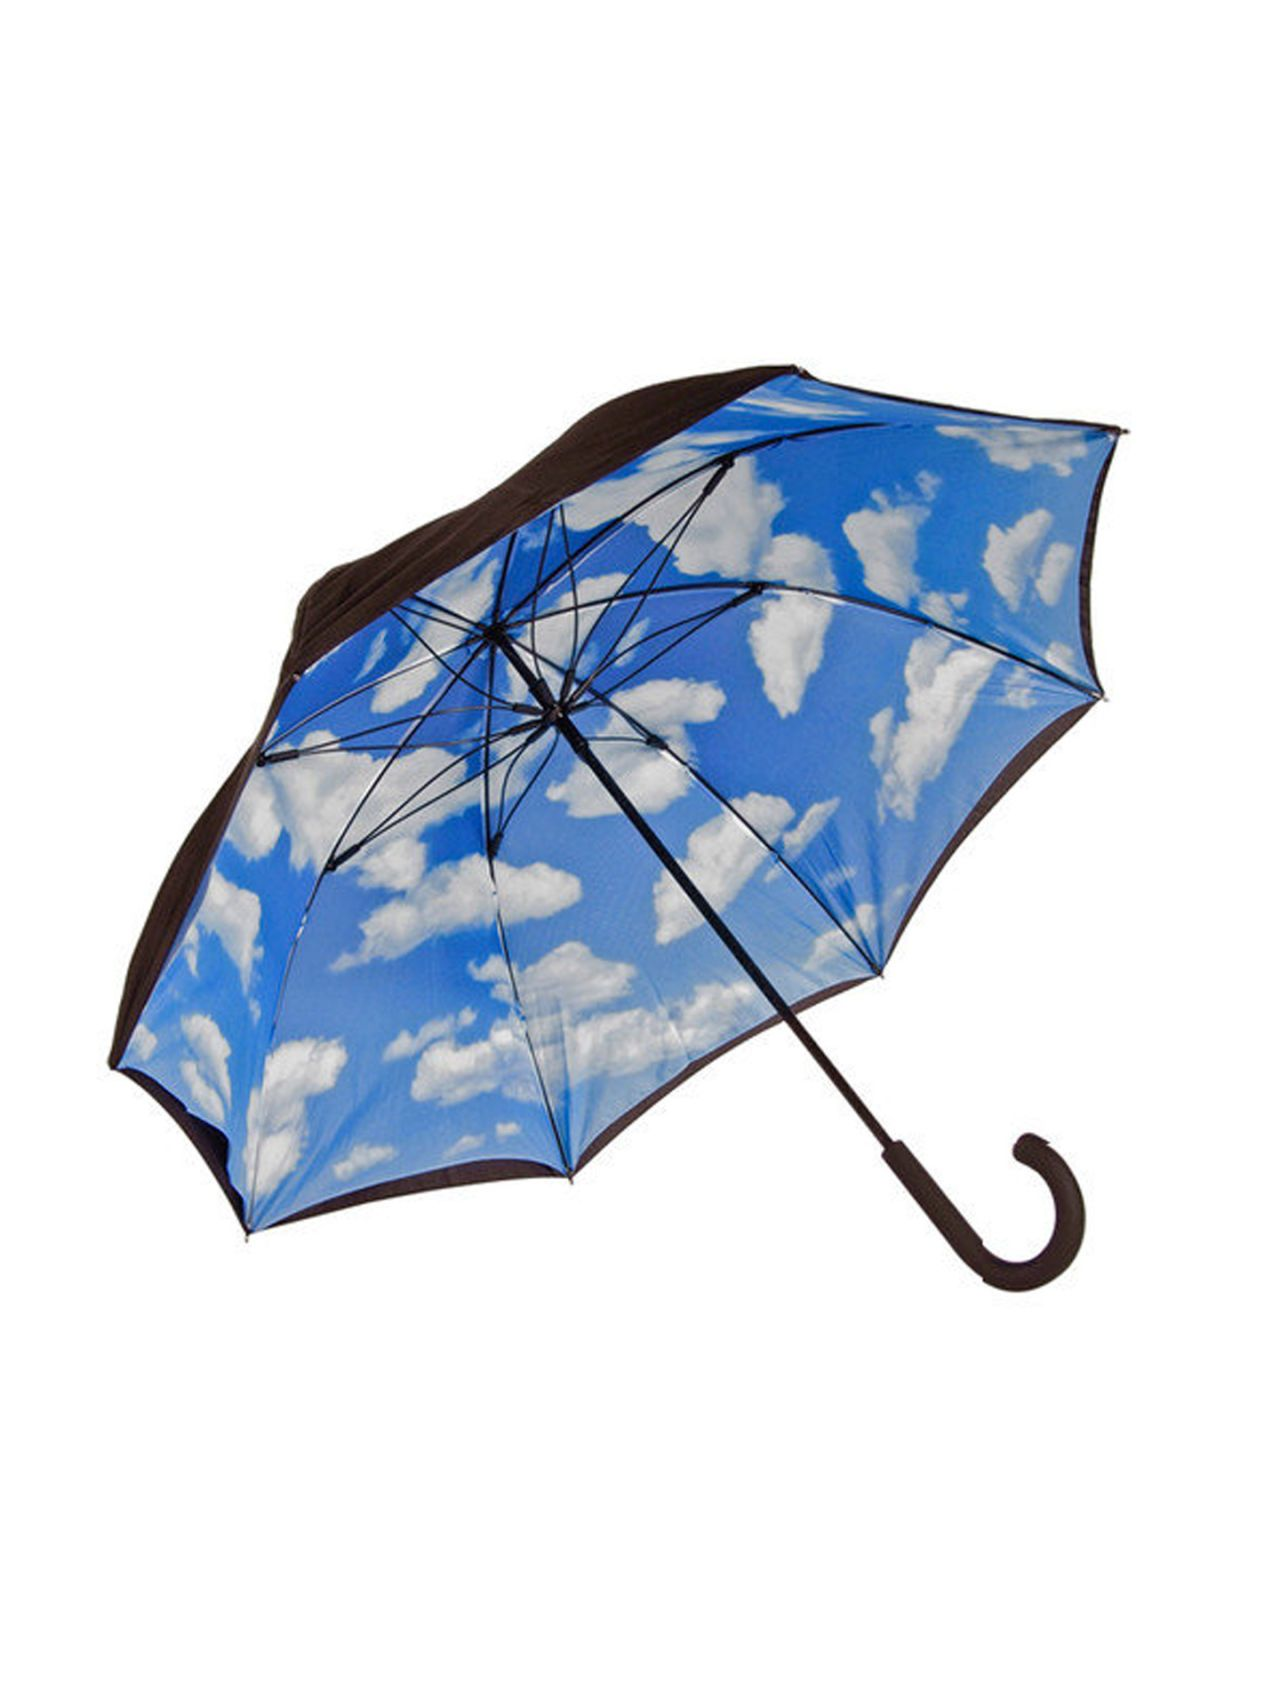 12 cute umbrellas cool umbrellas for sale